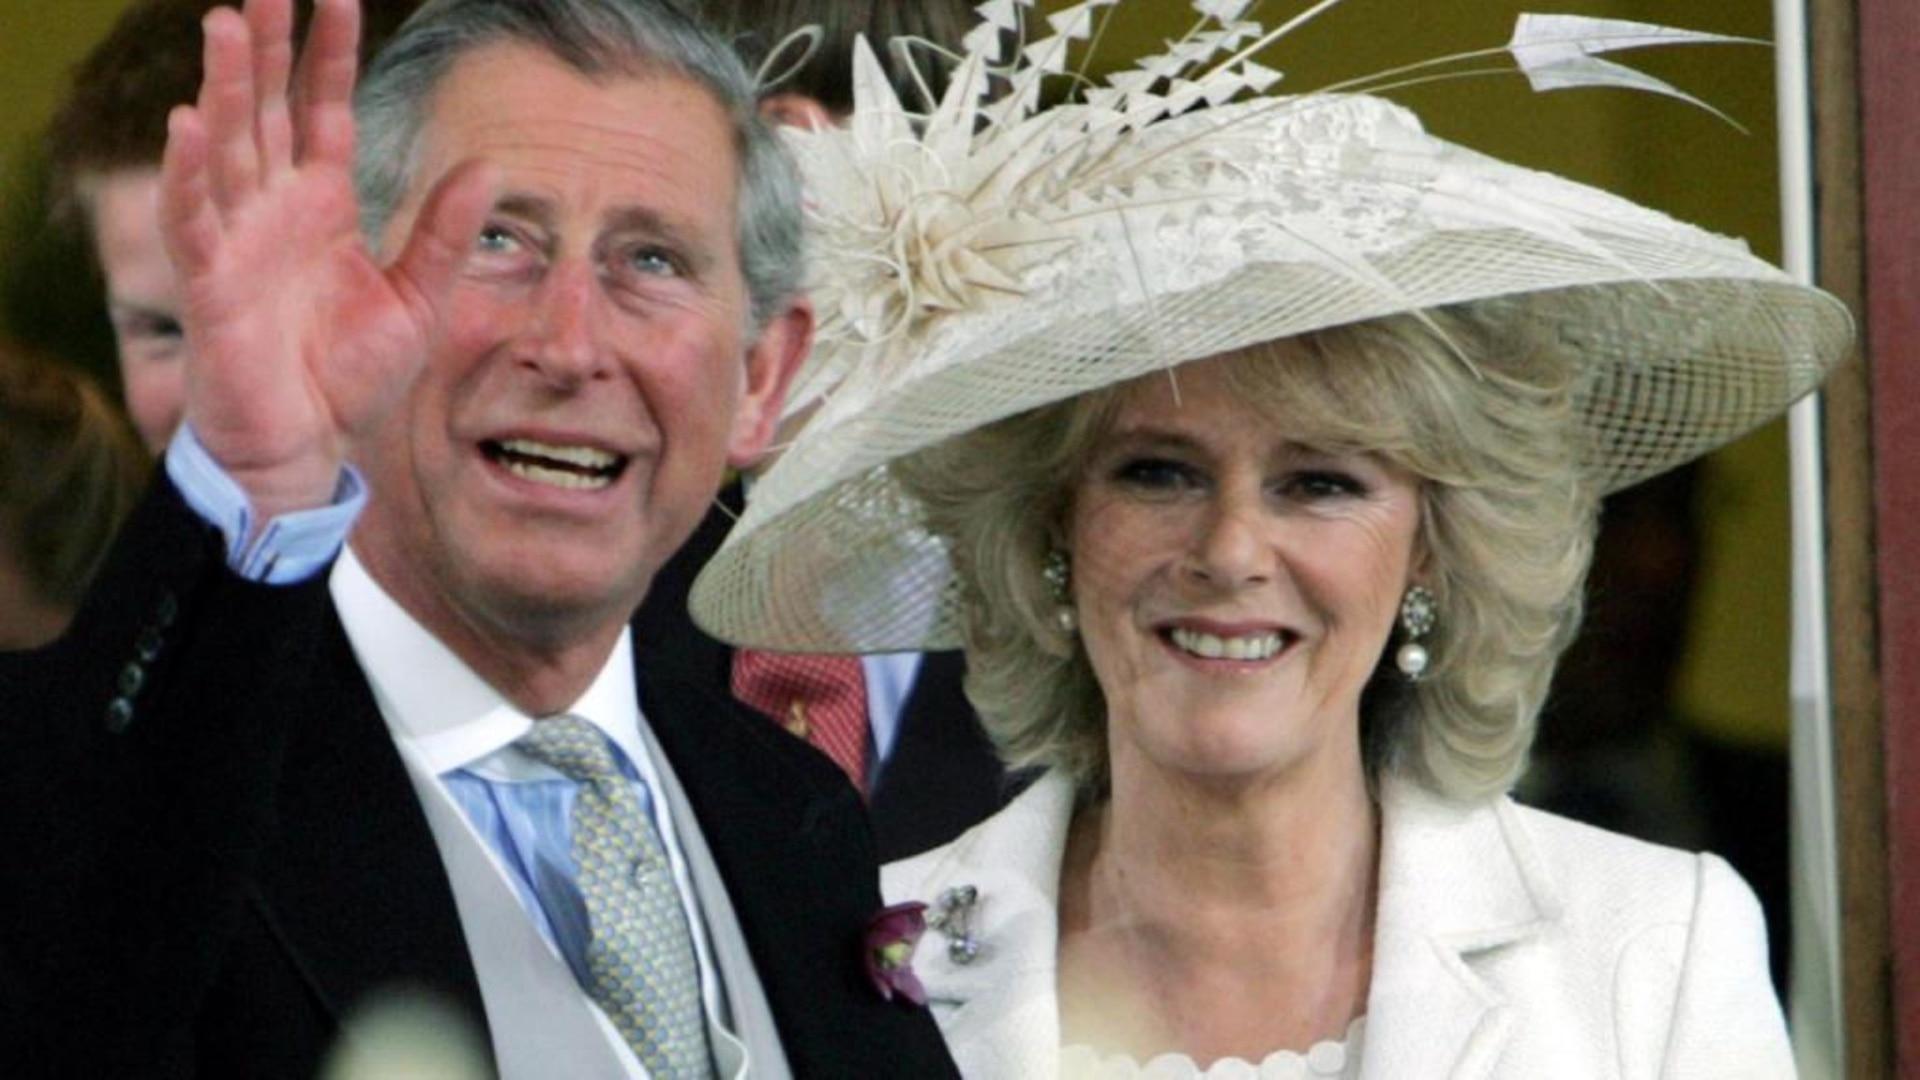 Ein Herz und eine Krone? - Charles und Camilla 15 Jahre